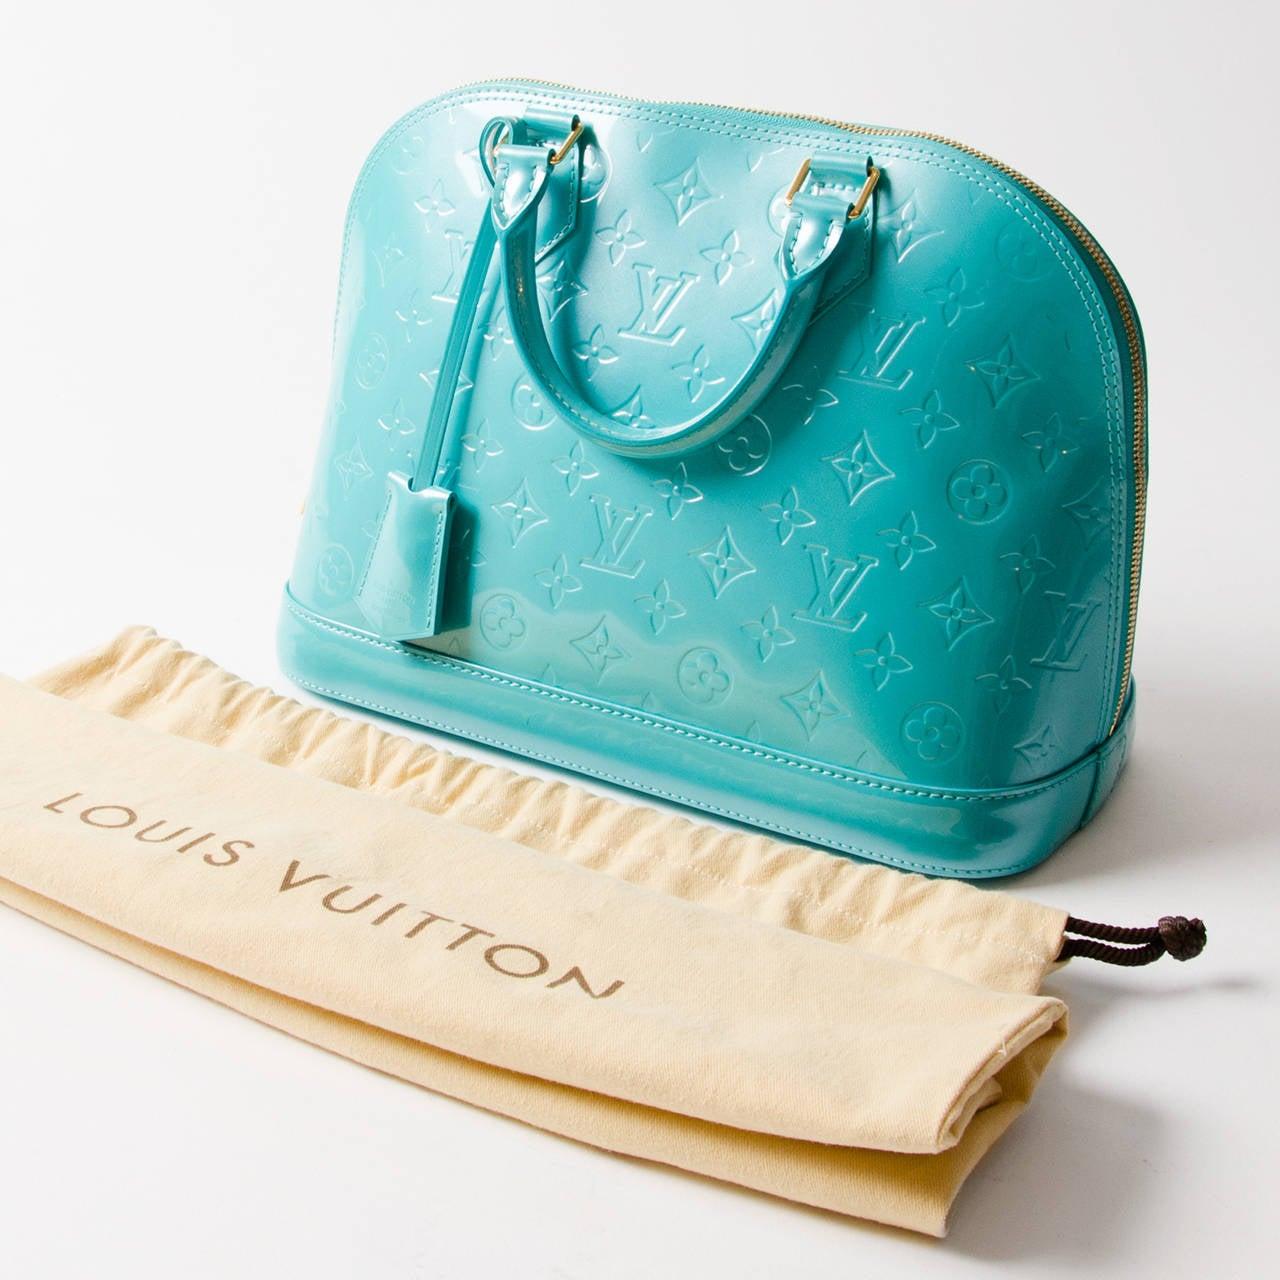 31db6937a1a3 Louis Vuitton Alma Pm Vernis Blue Lagoon at 1stdibs